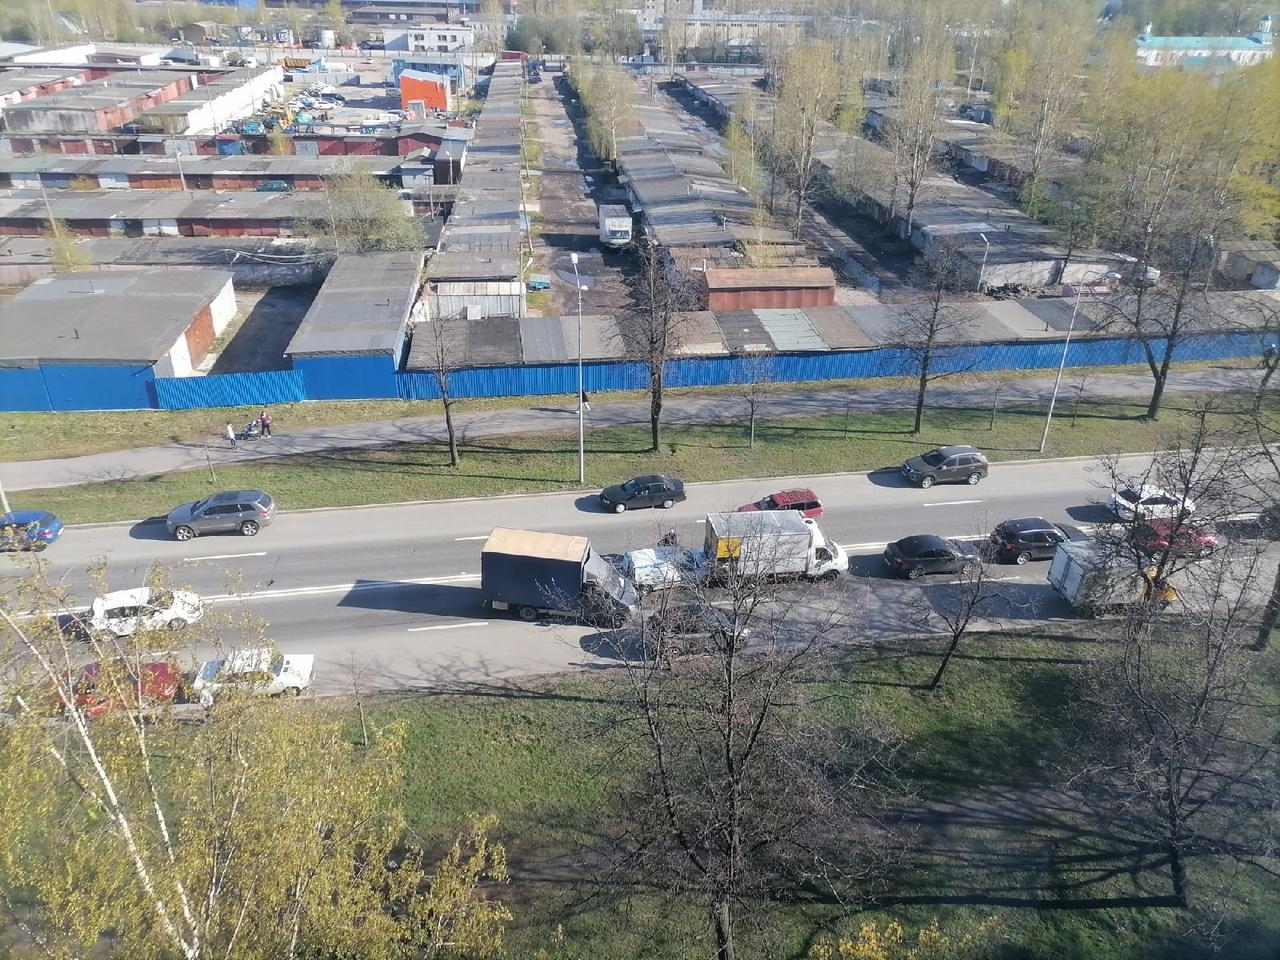 На улице Тельмана столкнулись три машины, стоя в пробке на светофор.